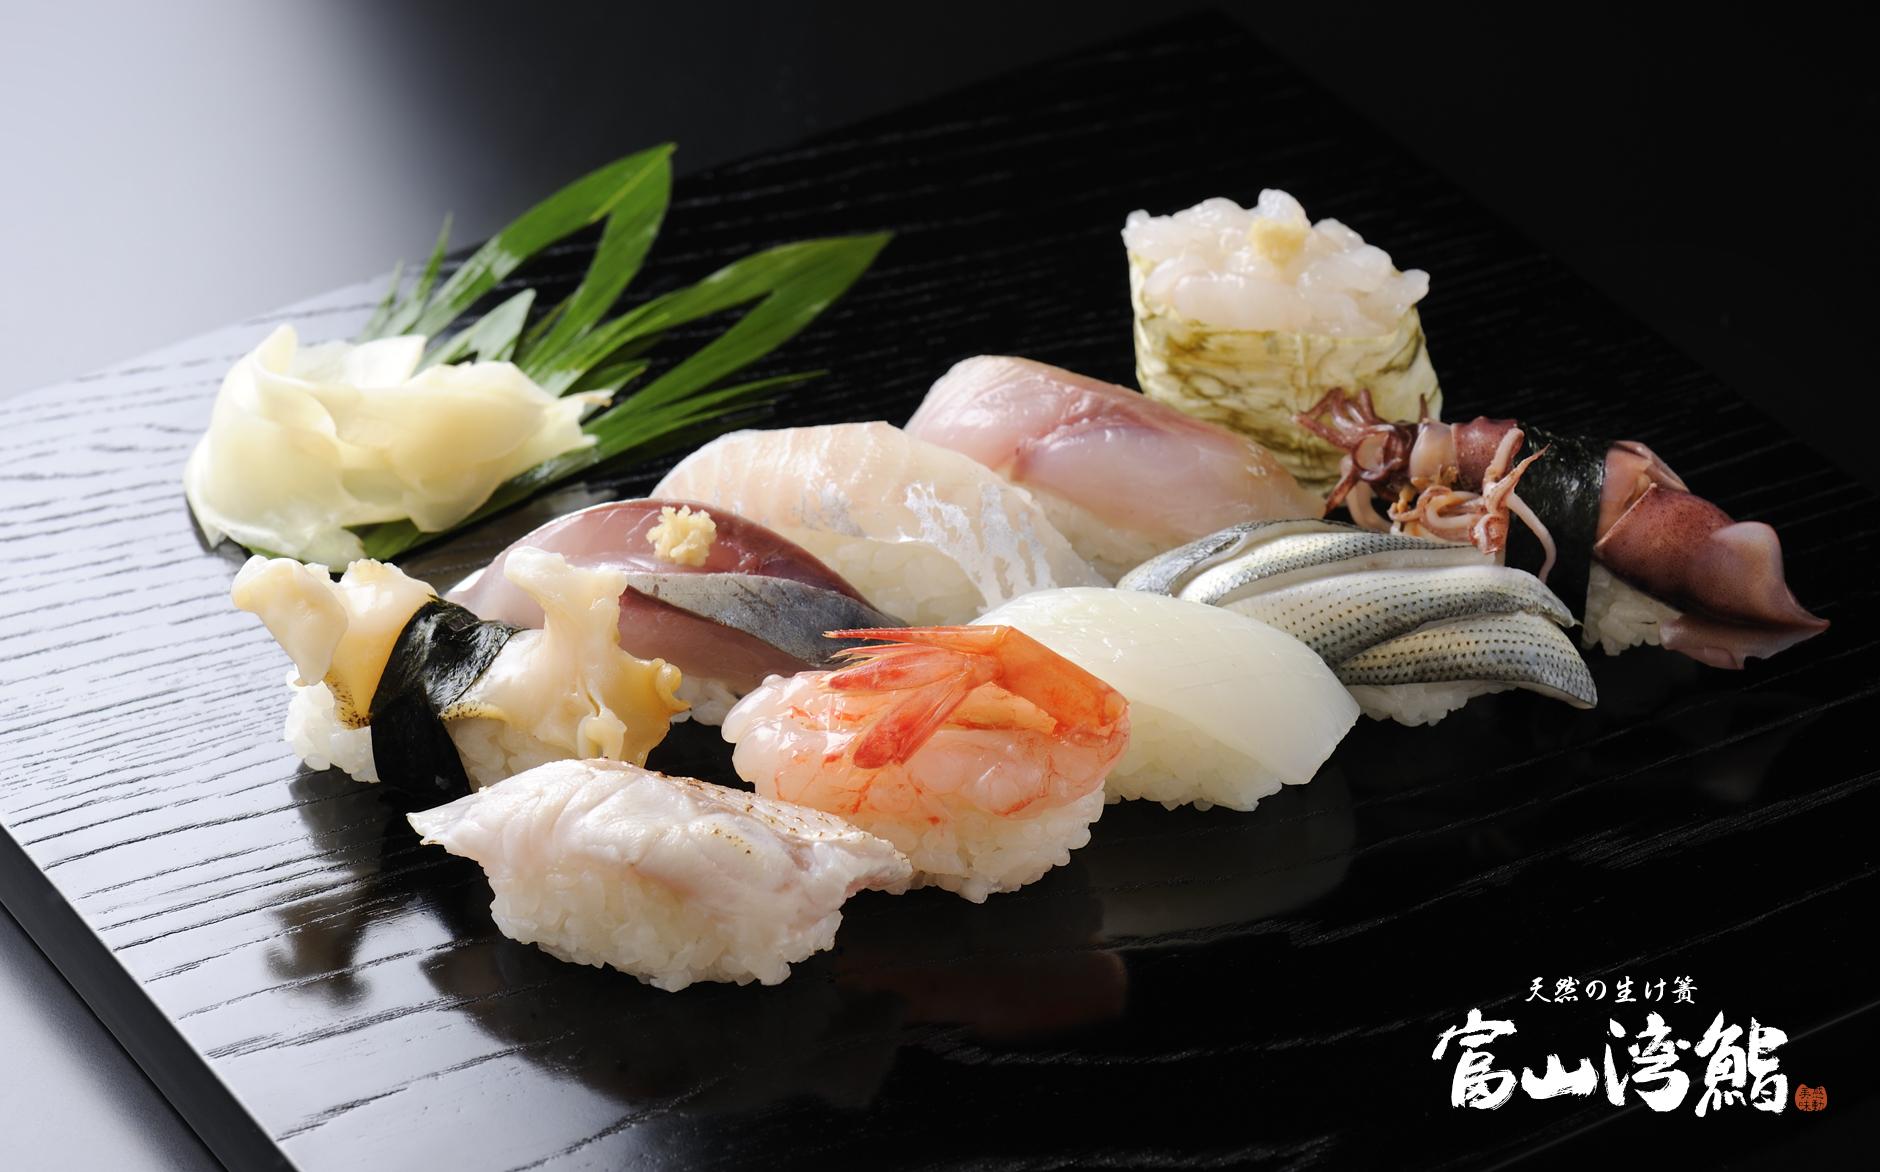 富山湾鮨の一例